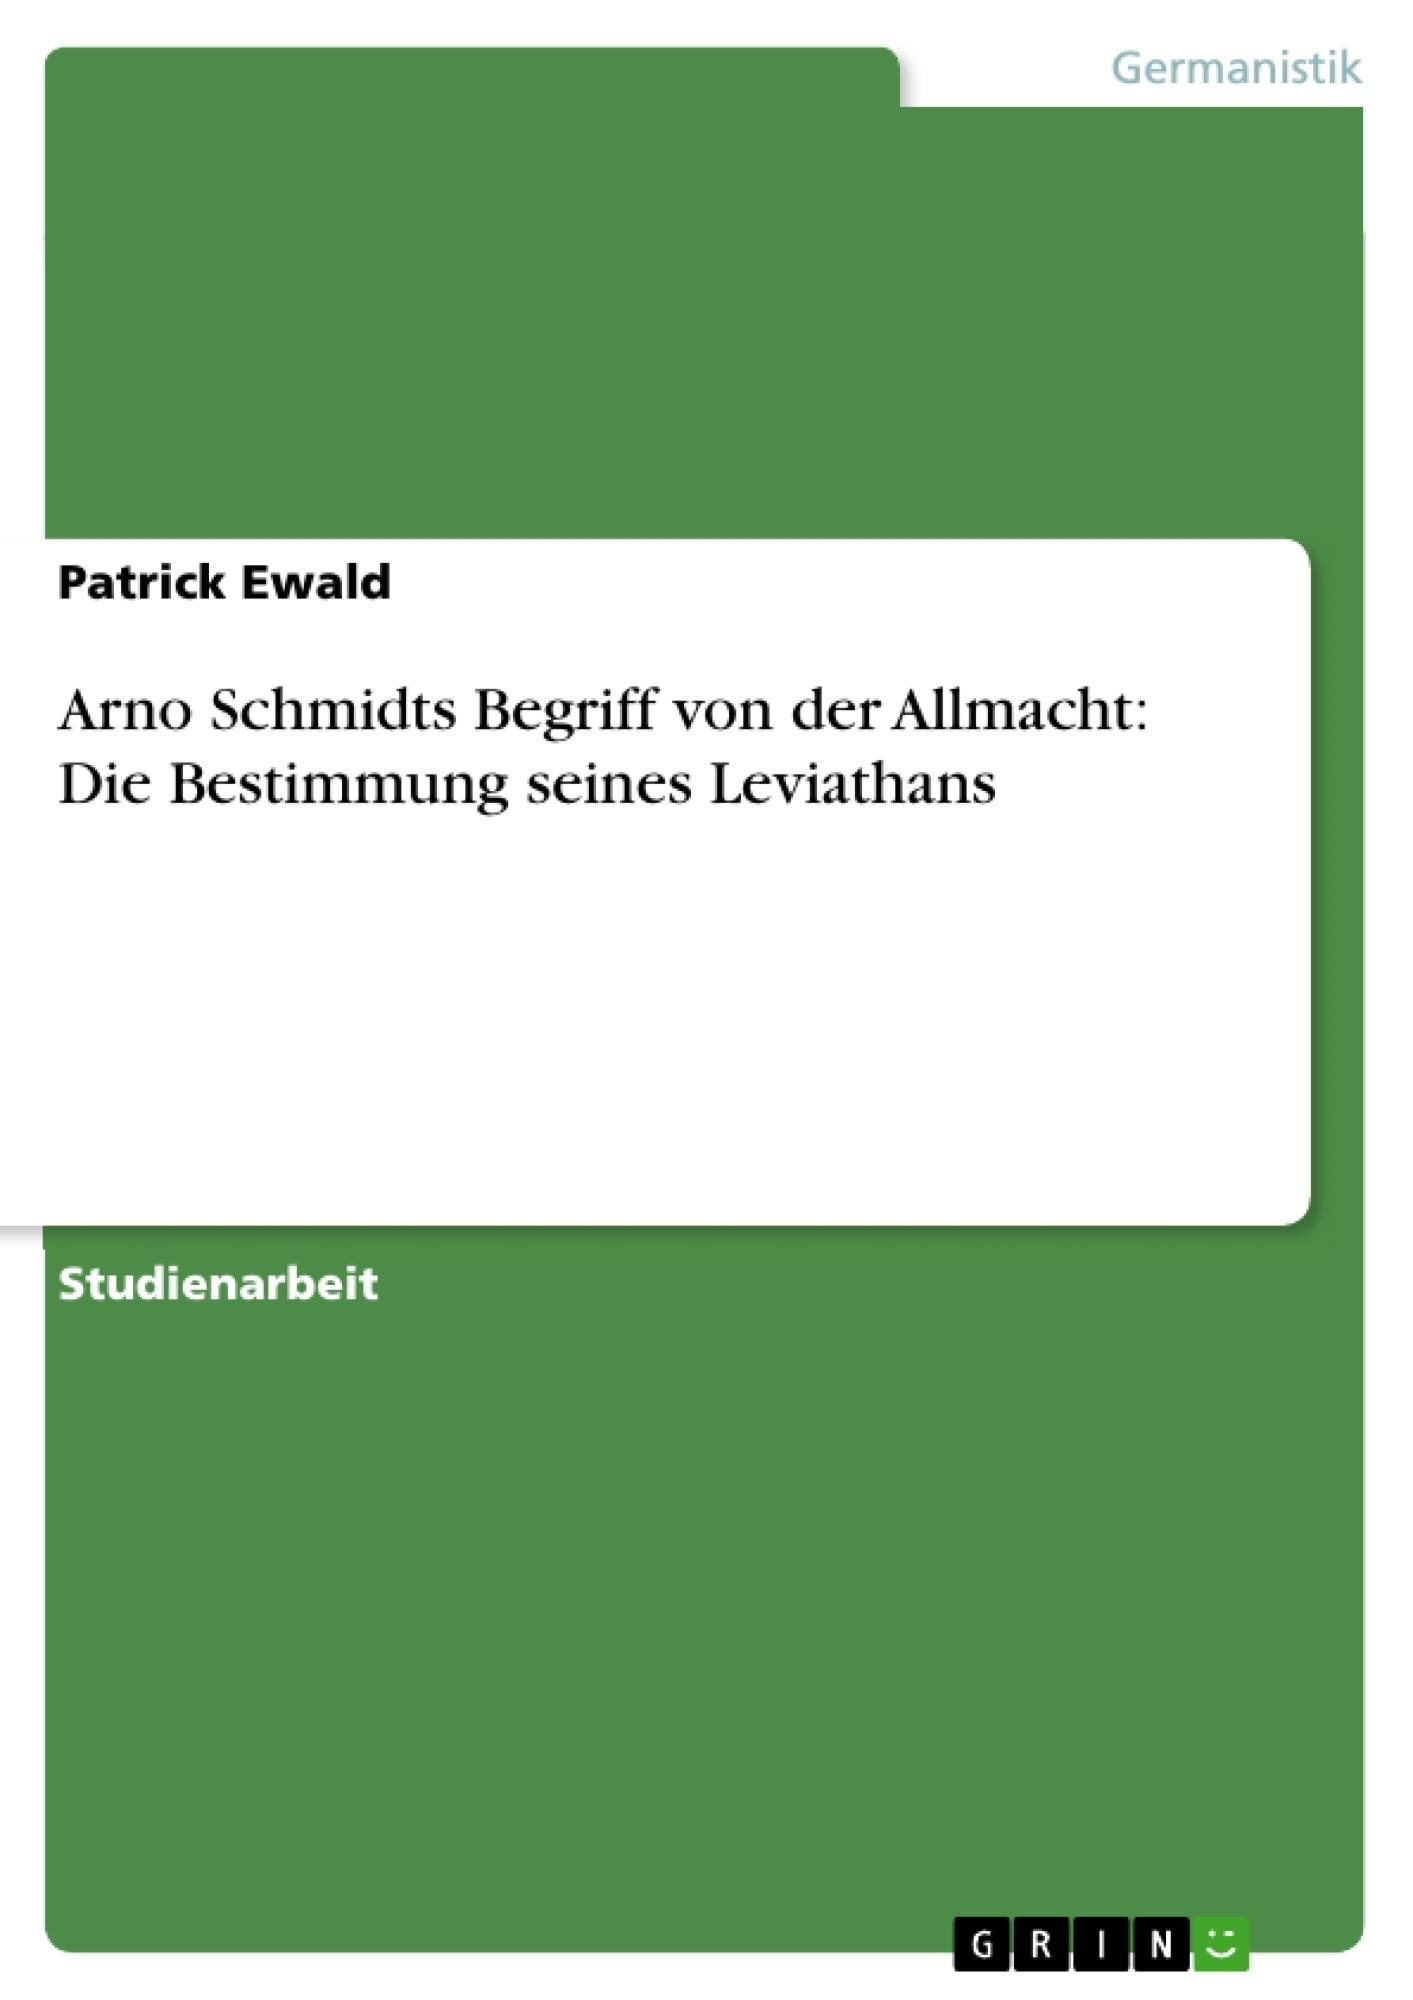 Titel: Arno Schmidts Begriff von der Allmacht: Die Bestimmung seines Leviathans